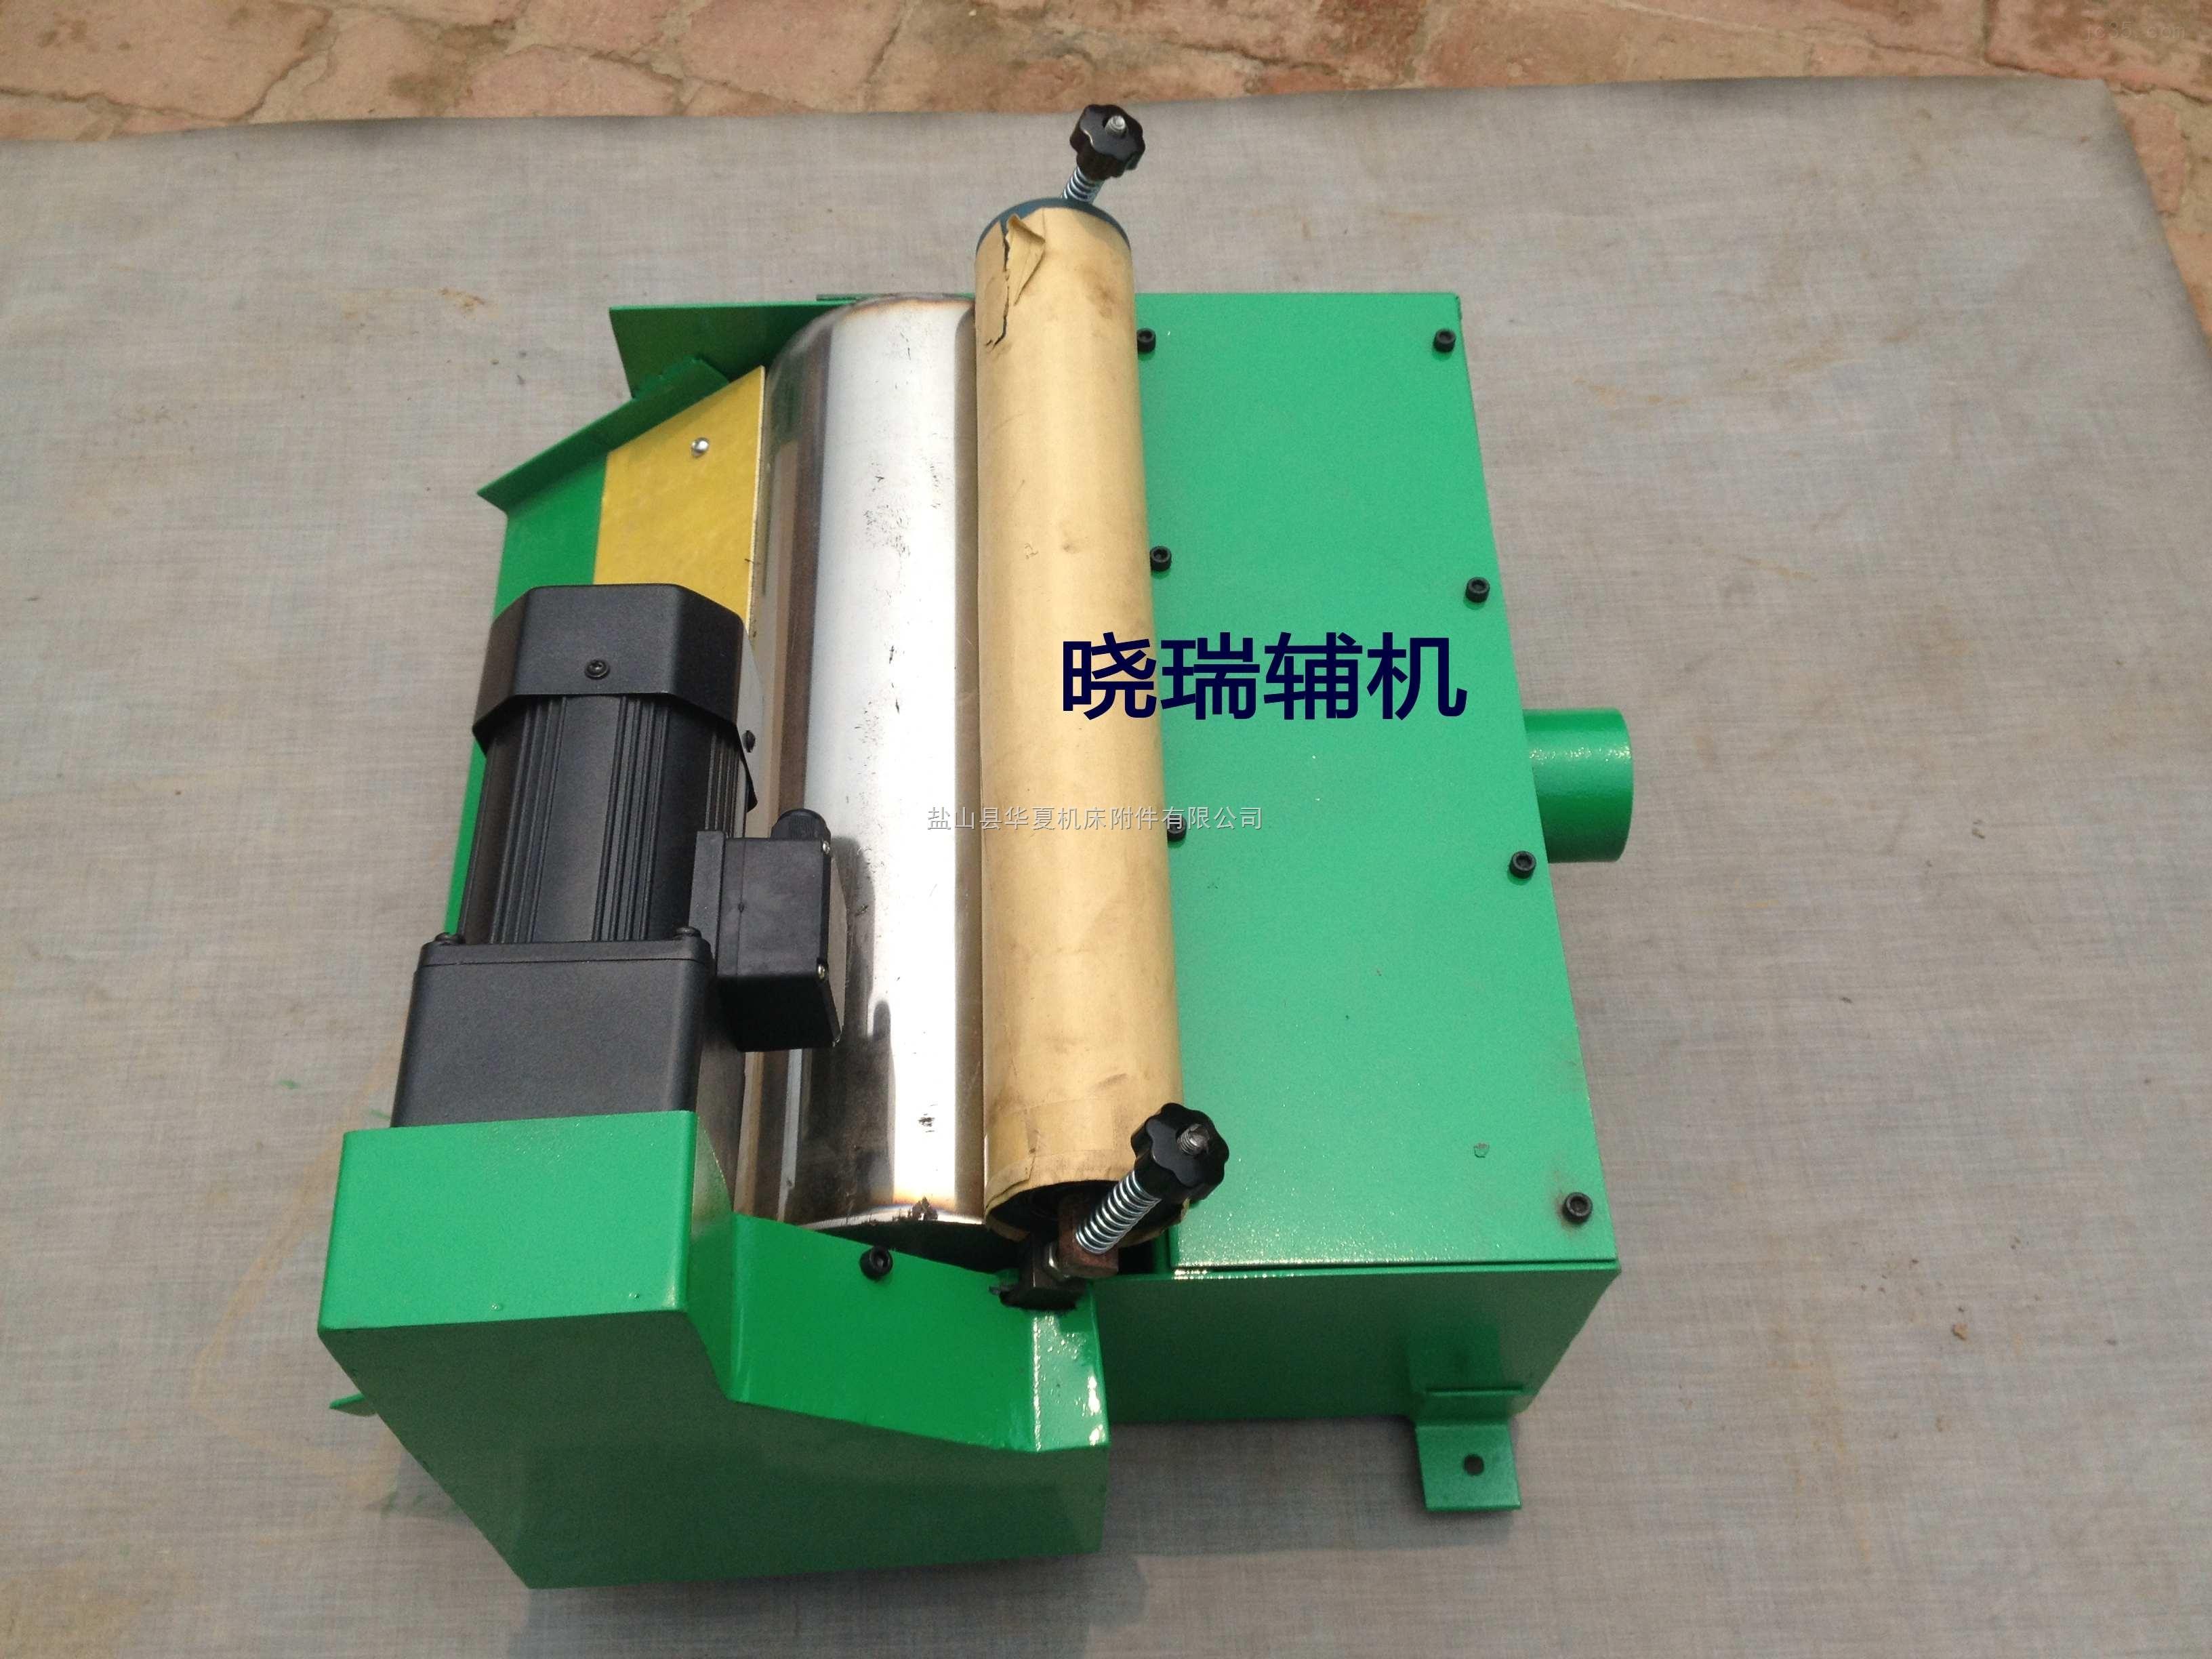 磁性分离器生产厂家用于磨床及其它机床冷却液(切削油或乳化液)的净化,主要用于铁磁性物质的自动分离,保持切削液清洁,提高了加工性能和刀具寿命,减少环境污染。分离器滚筒用强大的磁力,将机床切削液(油质,水质)中的铁磁性切屑和磨屑分离出来,实现自动分离。从而提高加工产品质量,降低成本,提高生产效率。 磁性分离器生产厂家的用途:磁性分离器适用于各种磨床、精研、拉丝机、电加工等加工设备的冷却液净化,磨床及其他精细加工机床冷却液的净化。多数的应用在于碎料中分离。磁性分离器的主要面向市场是车床,磨床,刨床,等机械加工中